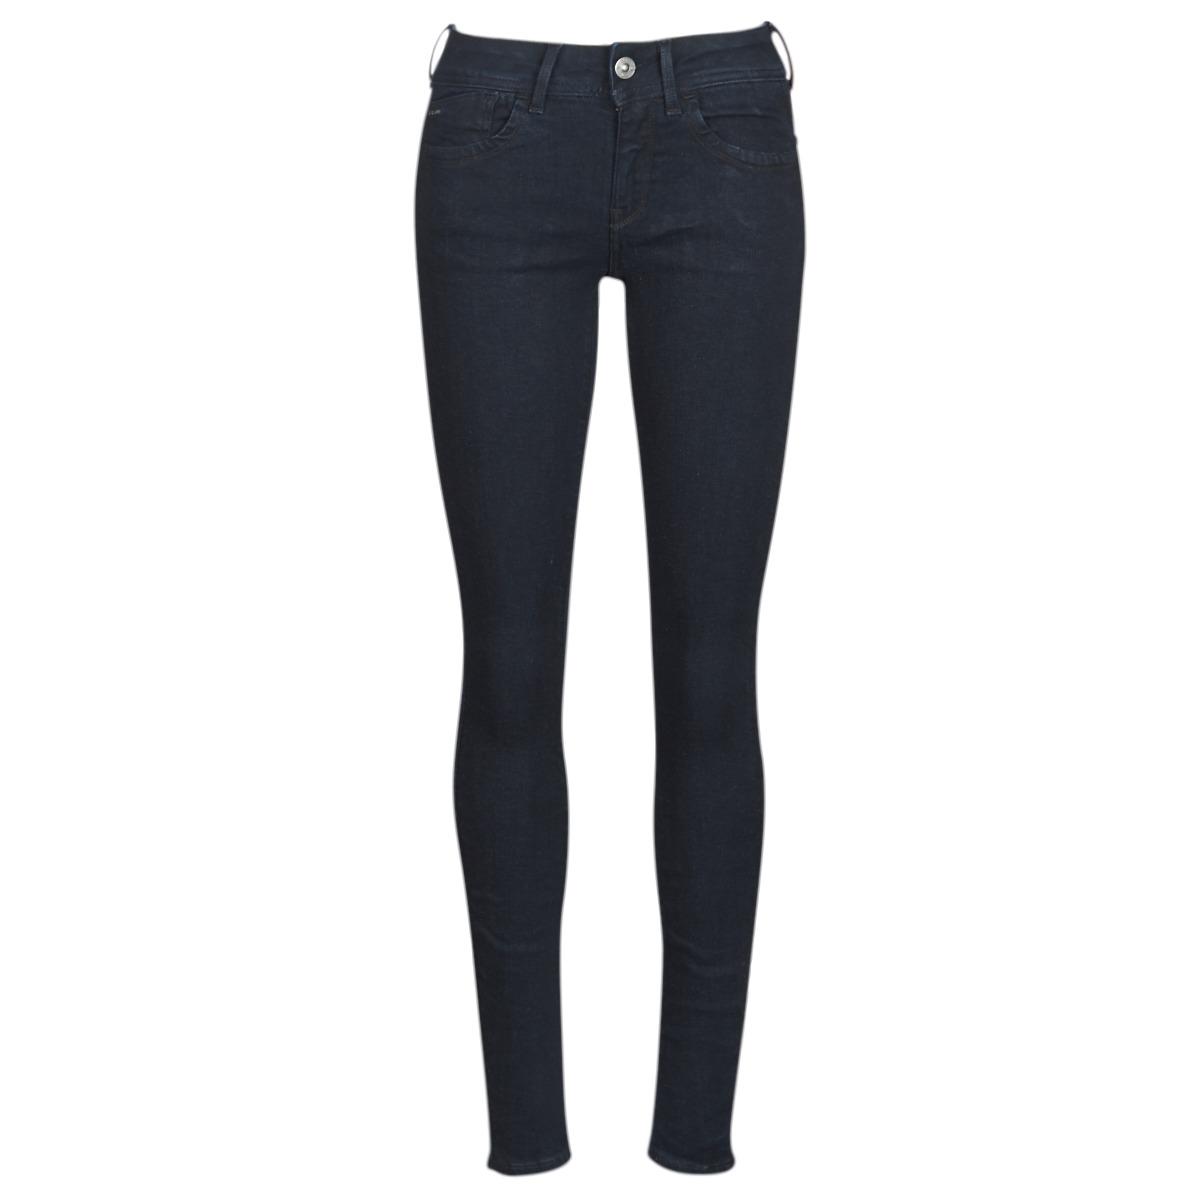 Jeans - skinny G-Star Raw  LYNN D-MID SUPER SKINNY